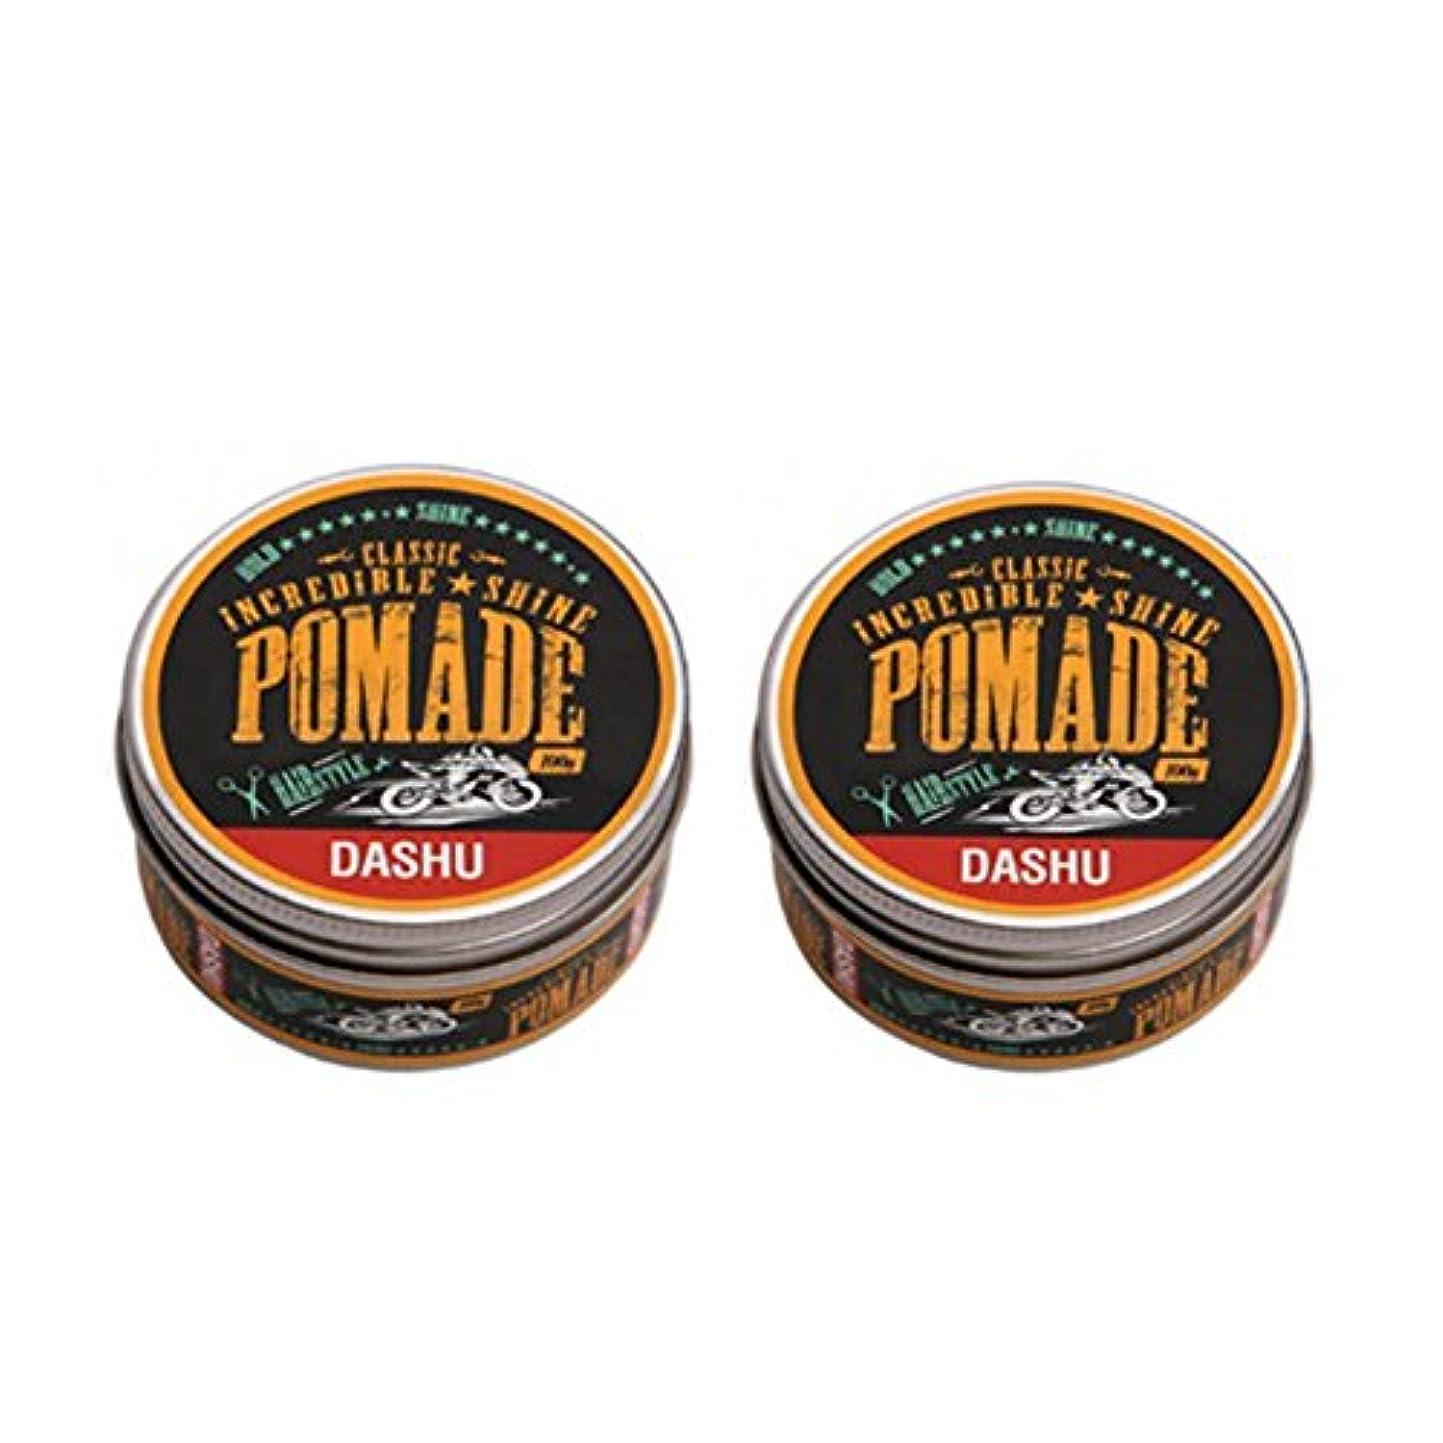 モールス信号救い罰する(2個セット) x [DASHU] ダシュ クラシック 信じられないほどの輝き ポマードワックス Classic Incredible Shine Pomade Hair Wax 100ml / 韓国製 . 韓国直送品